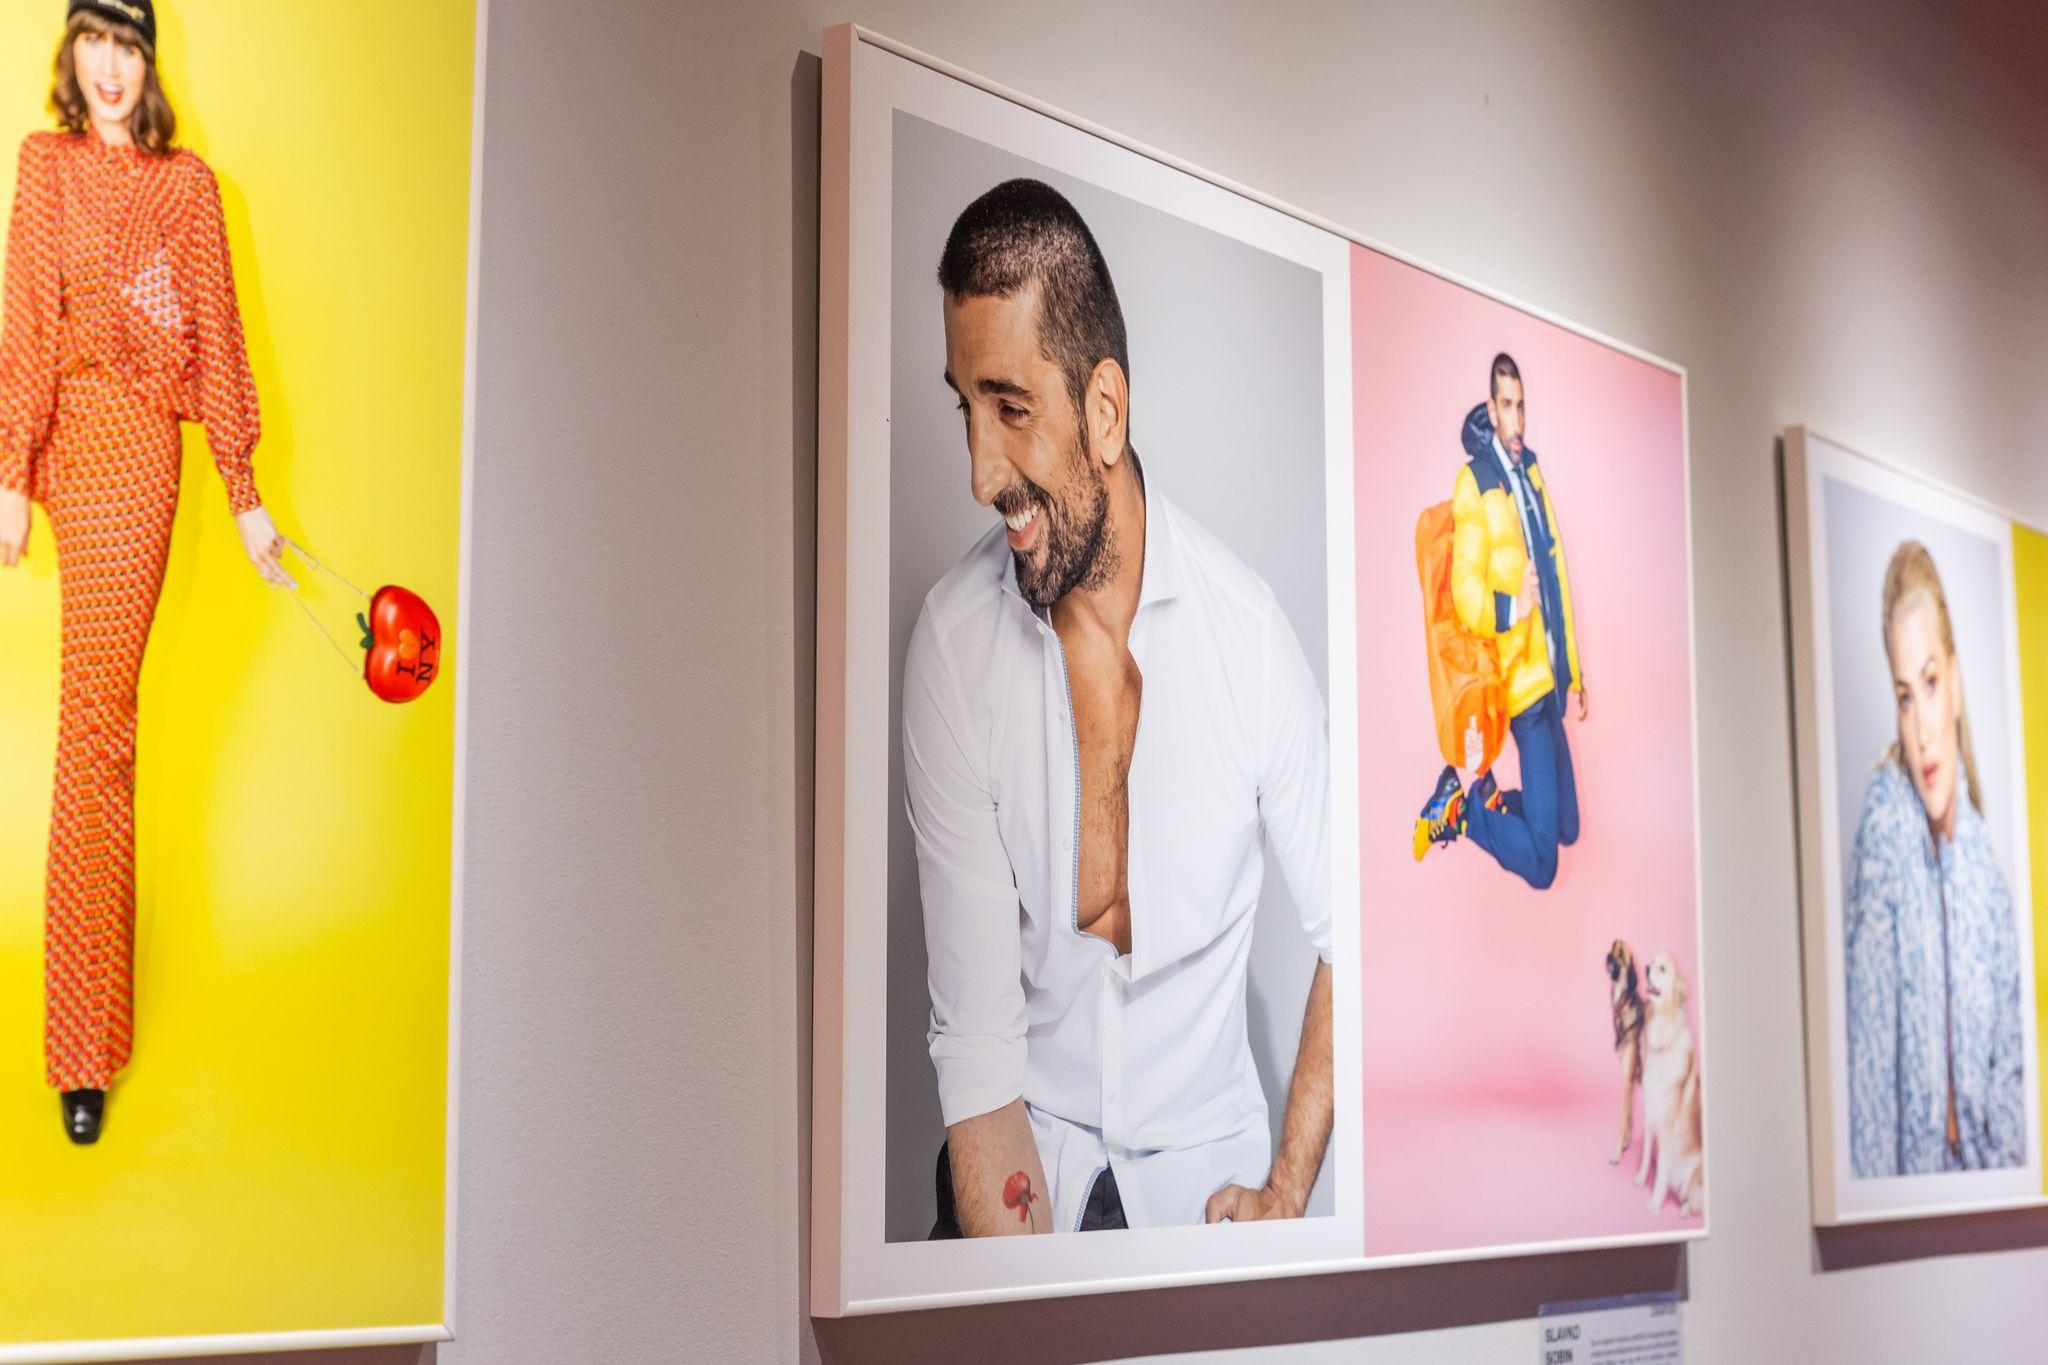 Moda u svakom pogledu: Zalando jedinstvenom izložbom Mare Milin slavi domaću modnu različitost i moć izražavanja